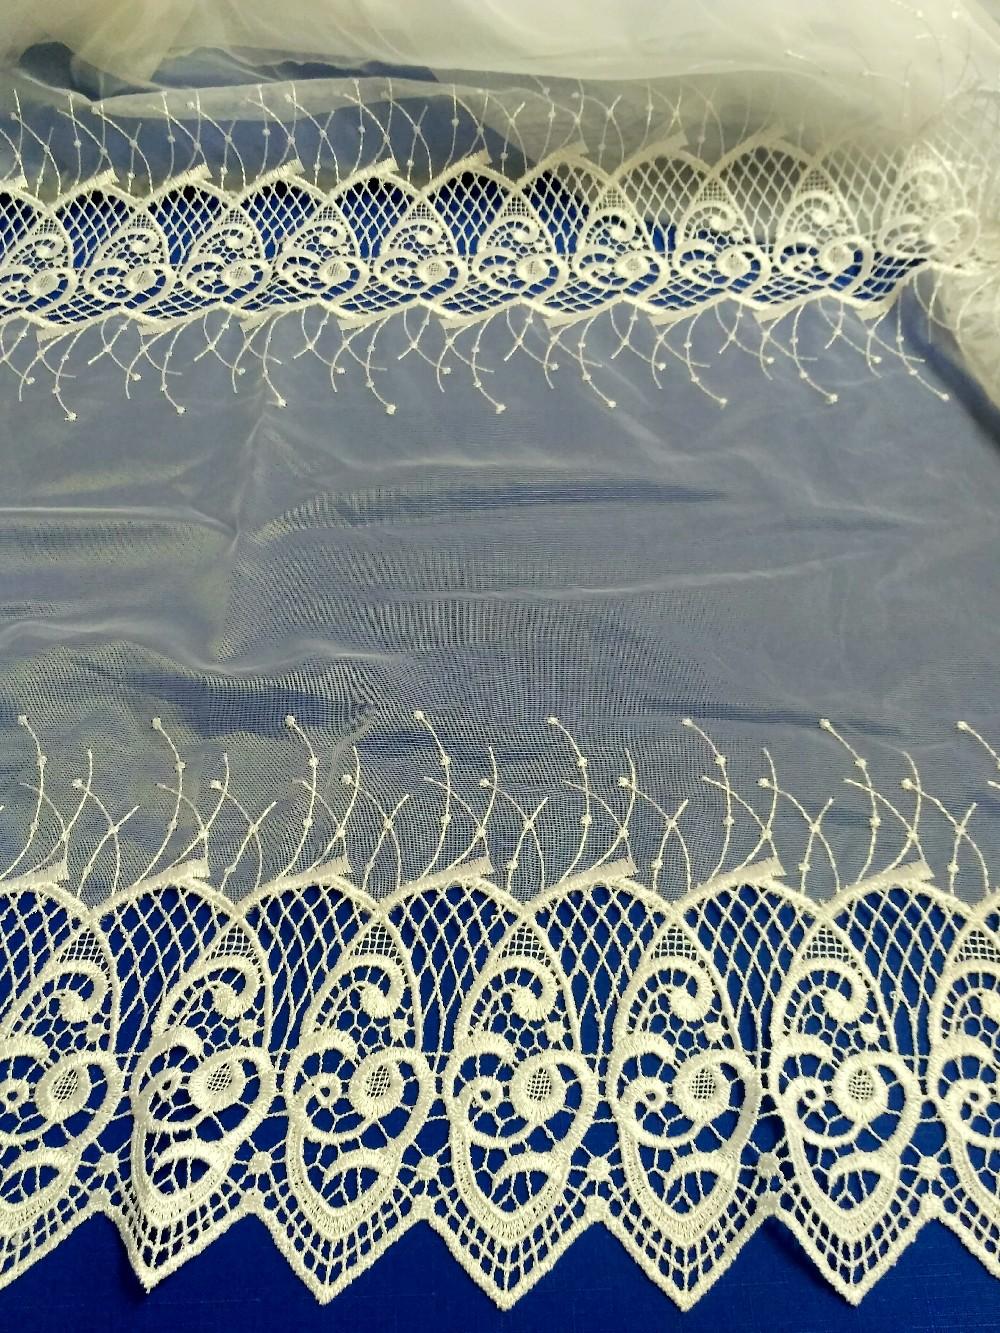 záclona Ve 4710 V 1 175 cm